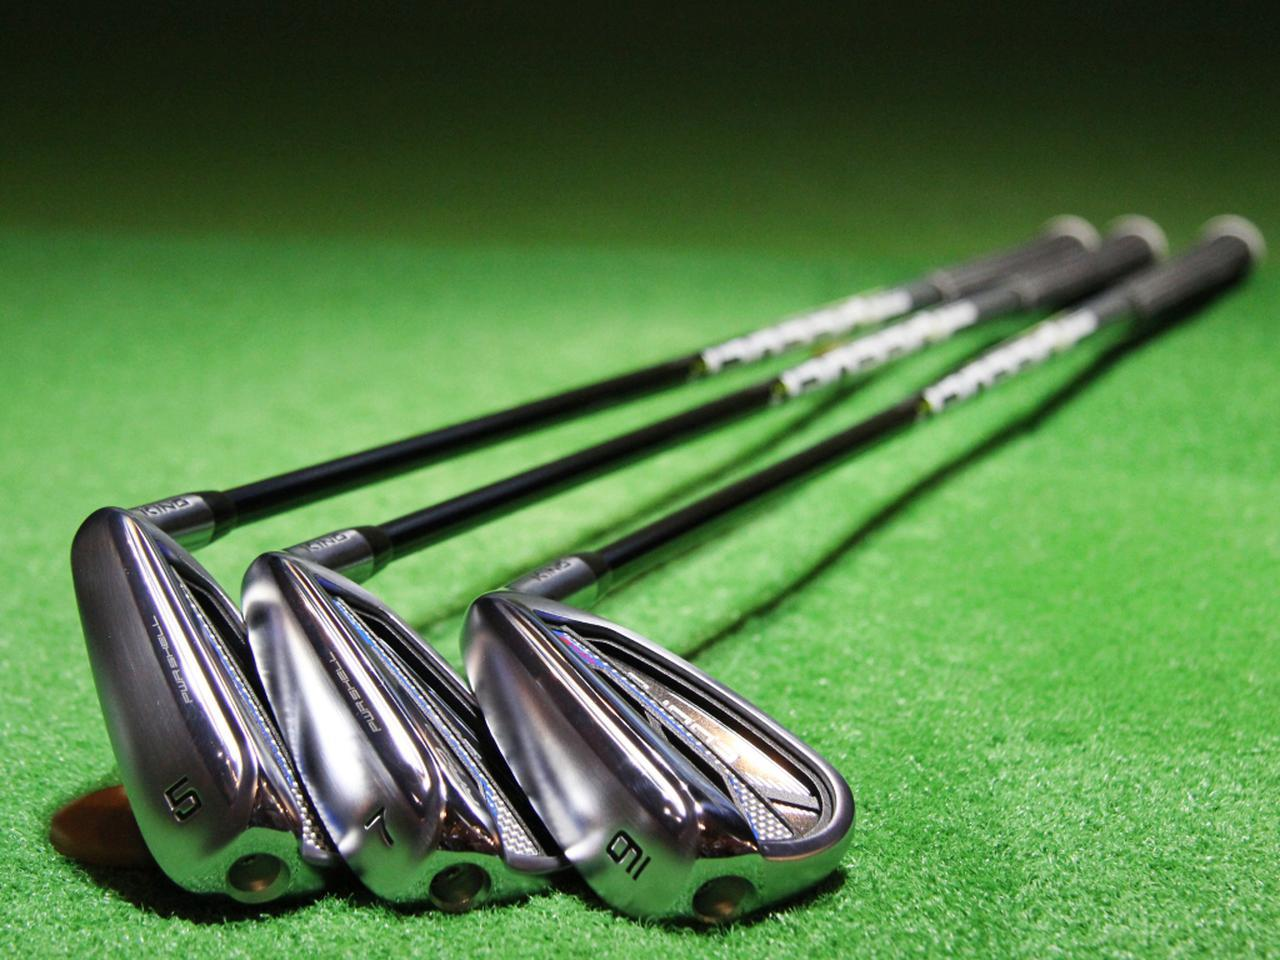 画像: コブラゴルフのワンレングスモデル「キング ラッドスピードワンレングスアイアン」の5、7、9番をプロが試打!